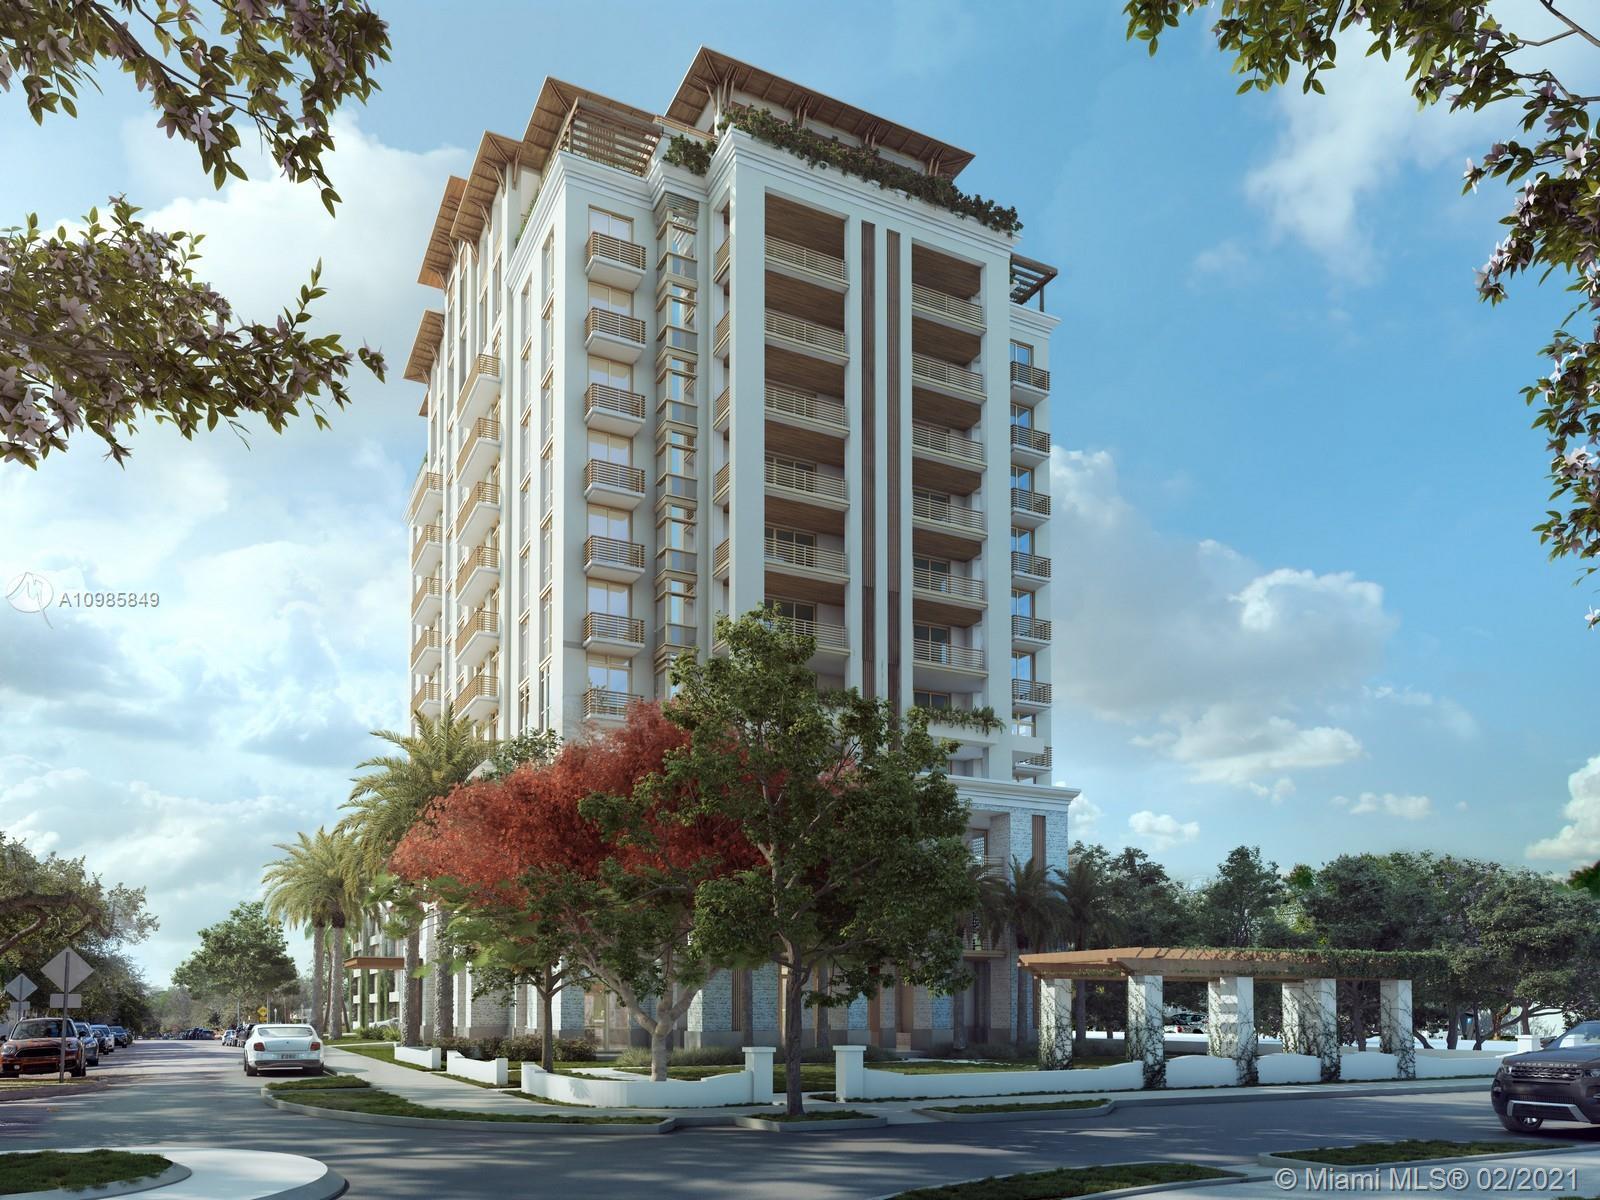 515 Valencia Ave Unit 301, Coral Gables, Florida 33134